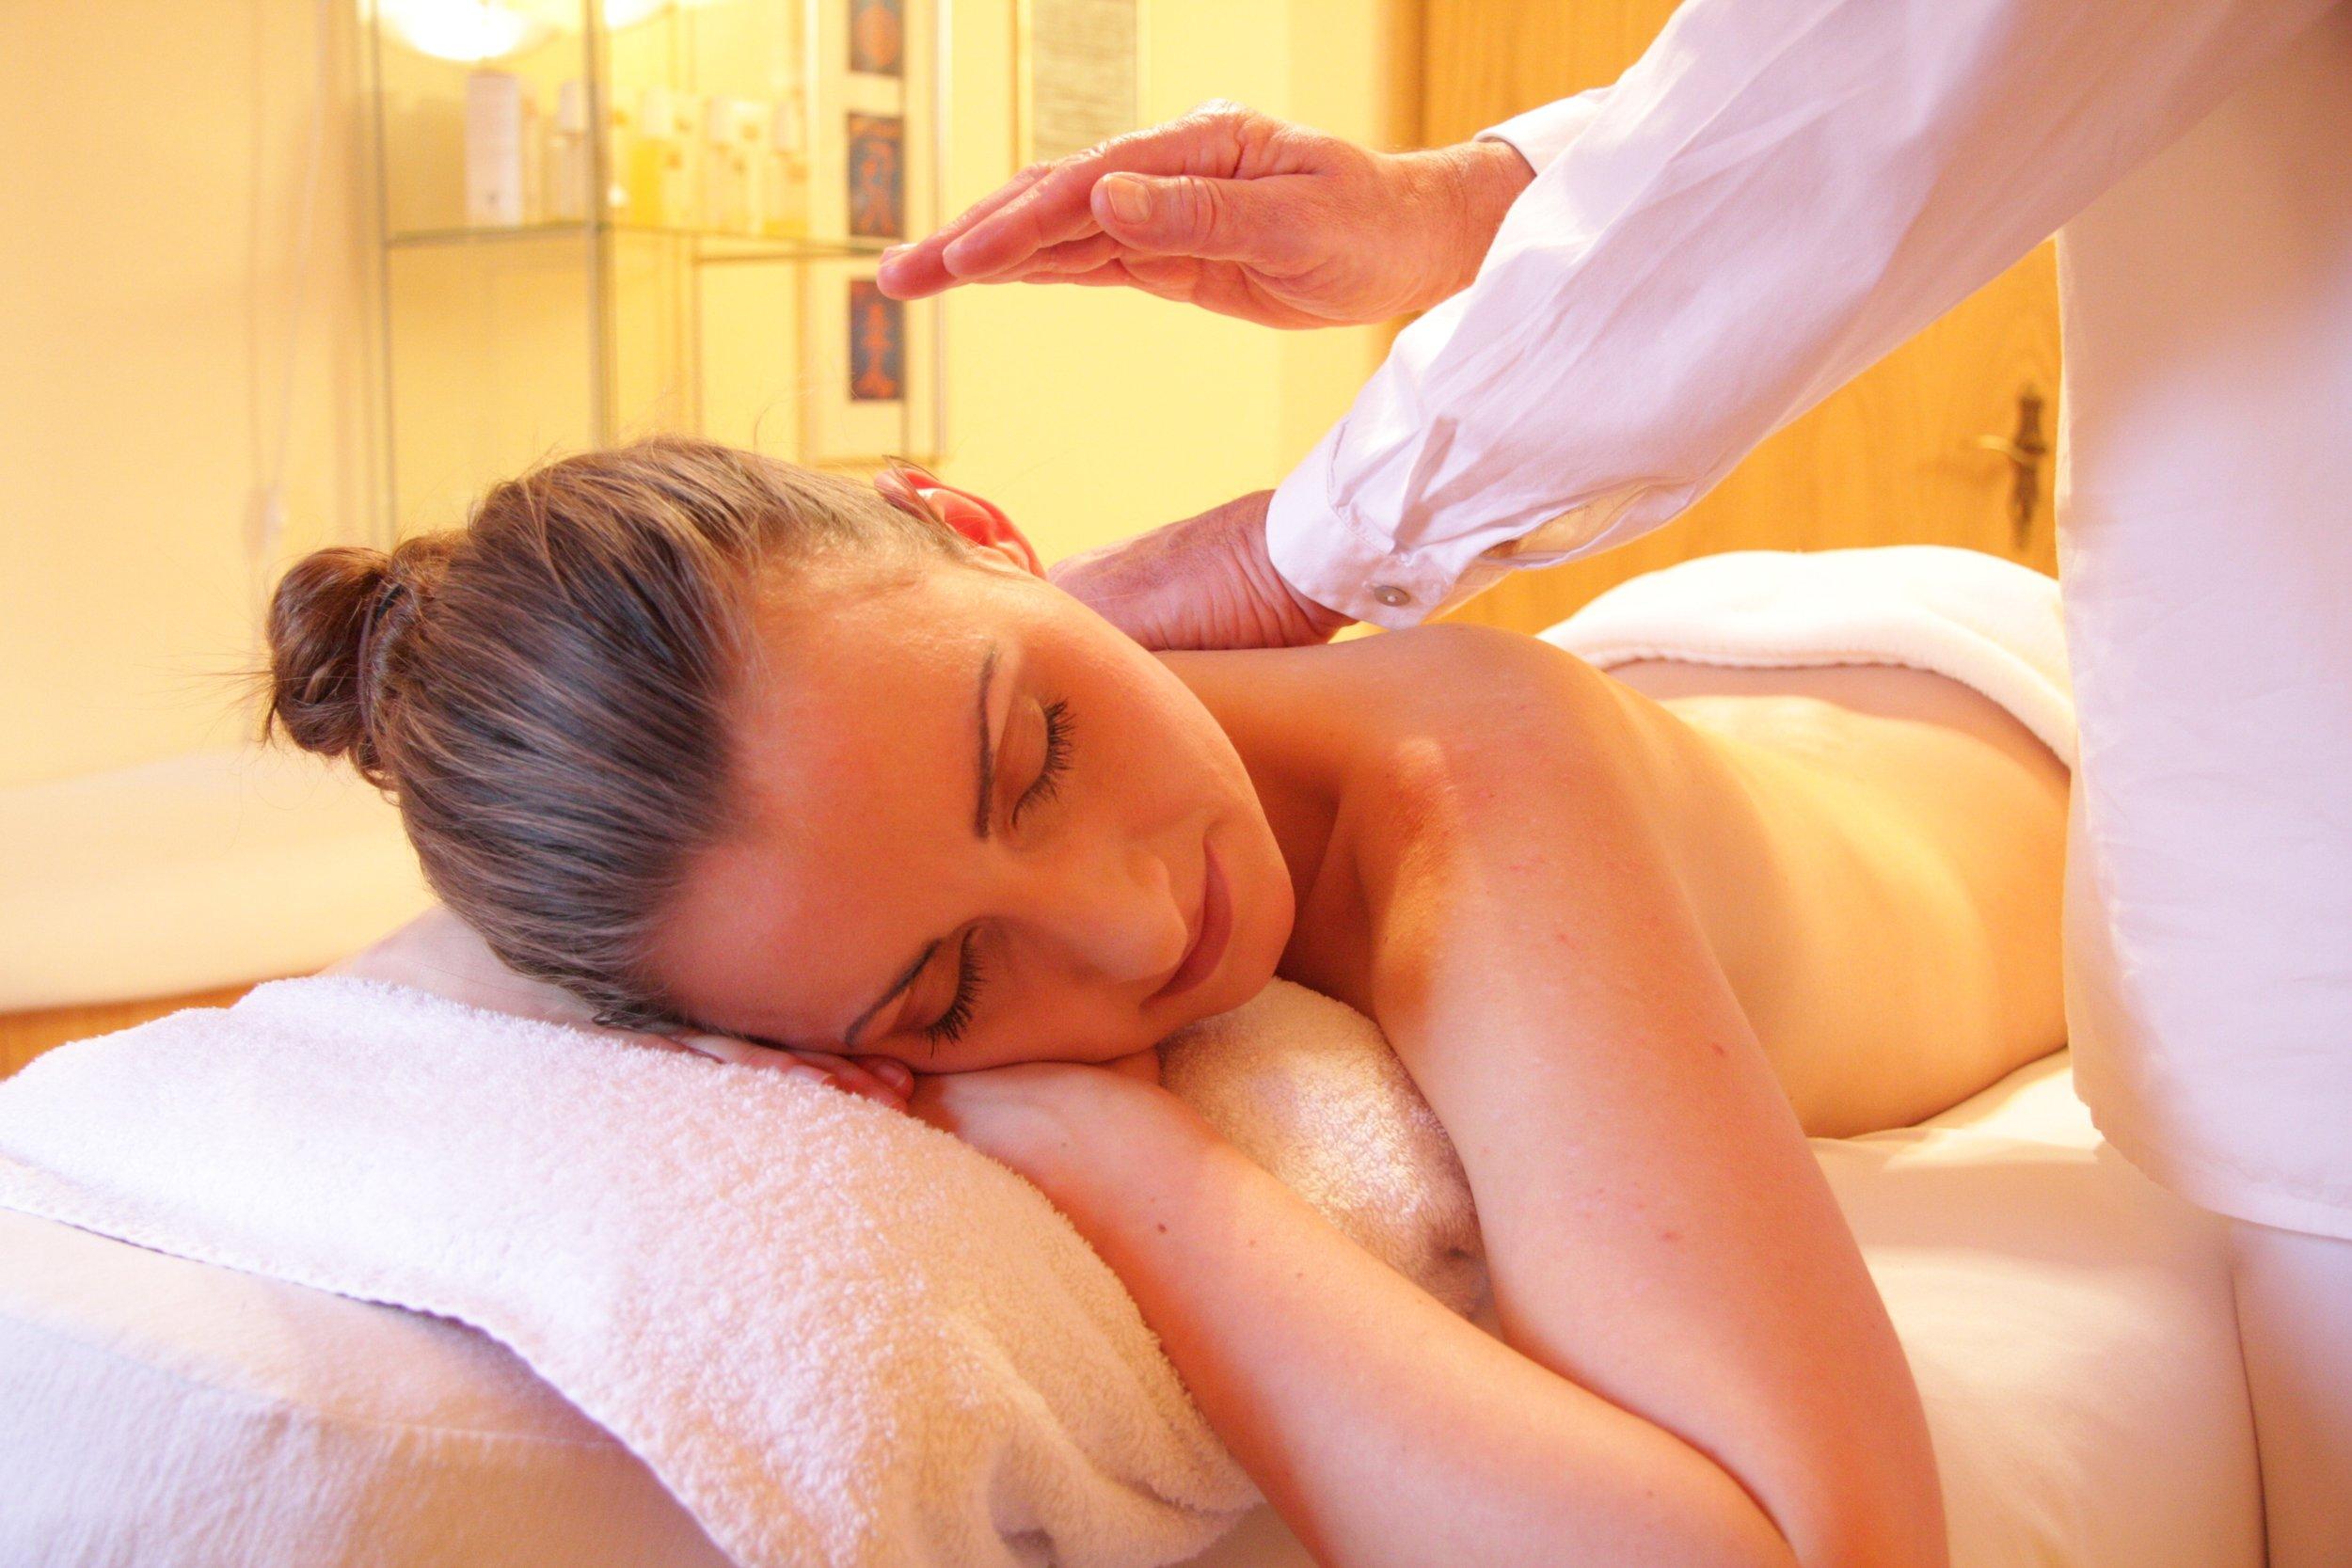 wellness-massage-relax-relaxing-56884.jpeg